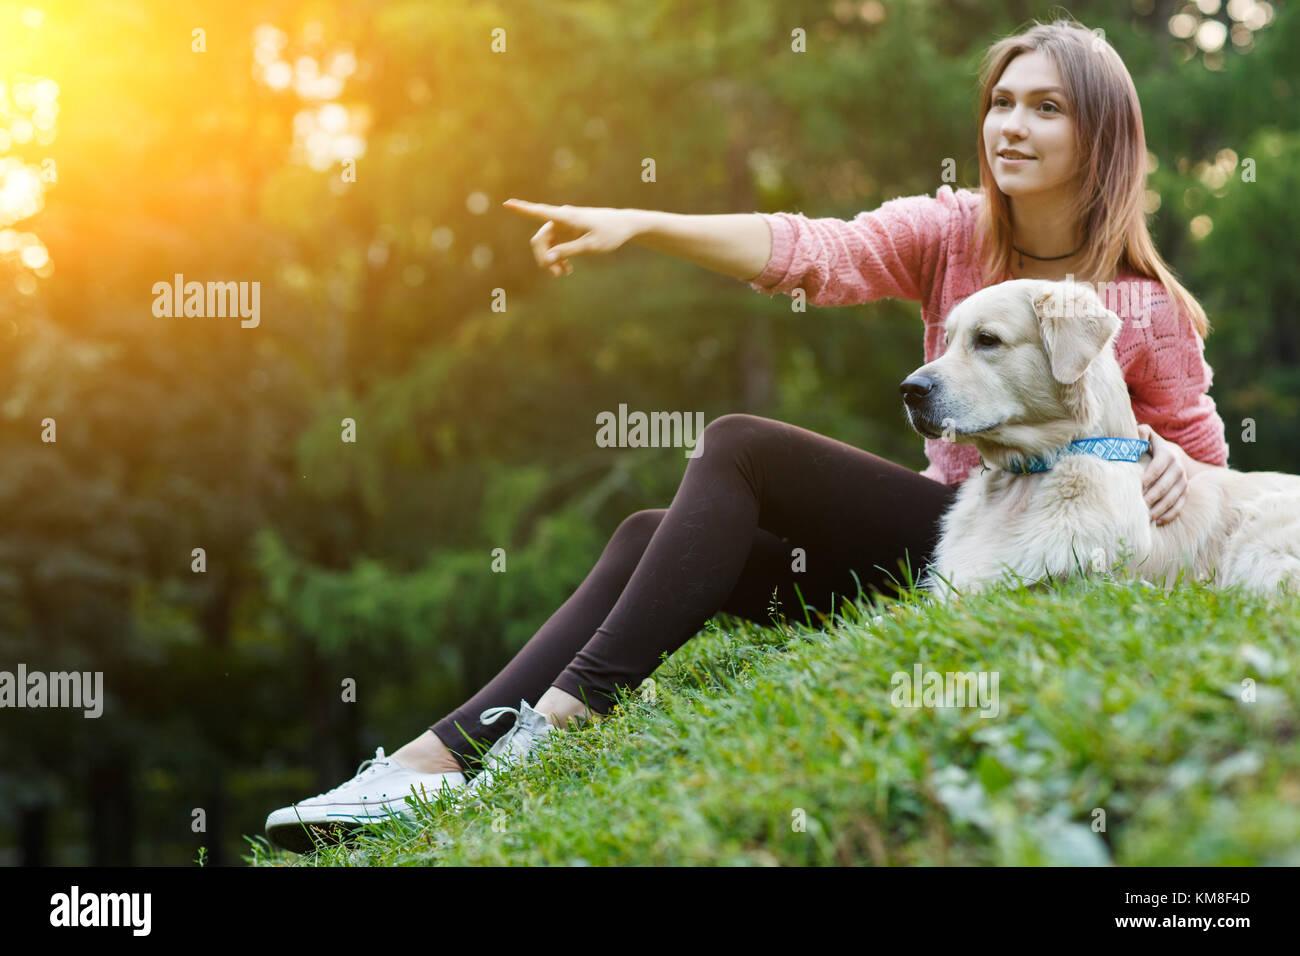 Foto von Mädchen nach vorn zeigen neben Hund auf dem grünen Rasen Stockbild